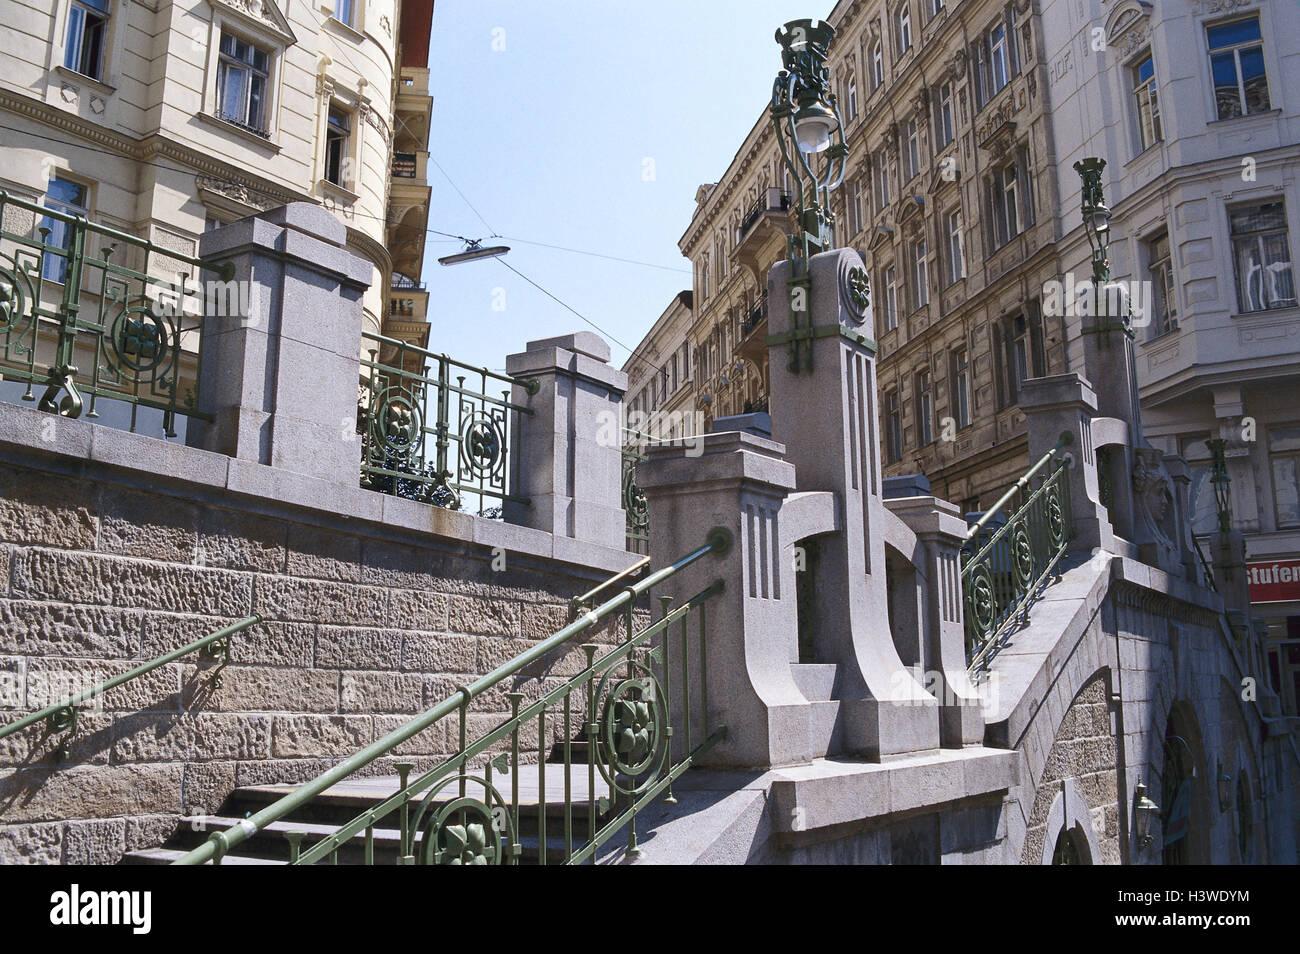 Treppenhaus architektur detail  Österreich, Wien, Filgrader enges Treppenhaus, detail, Europa, Stadt ...